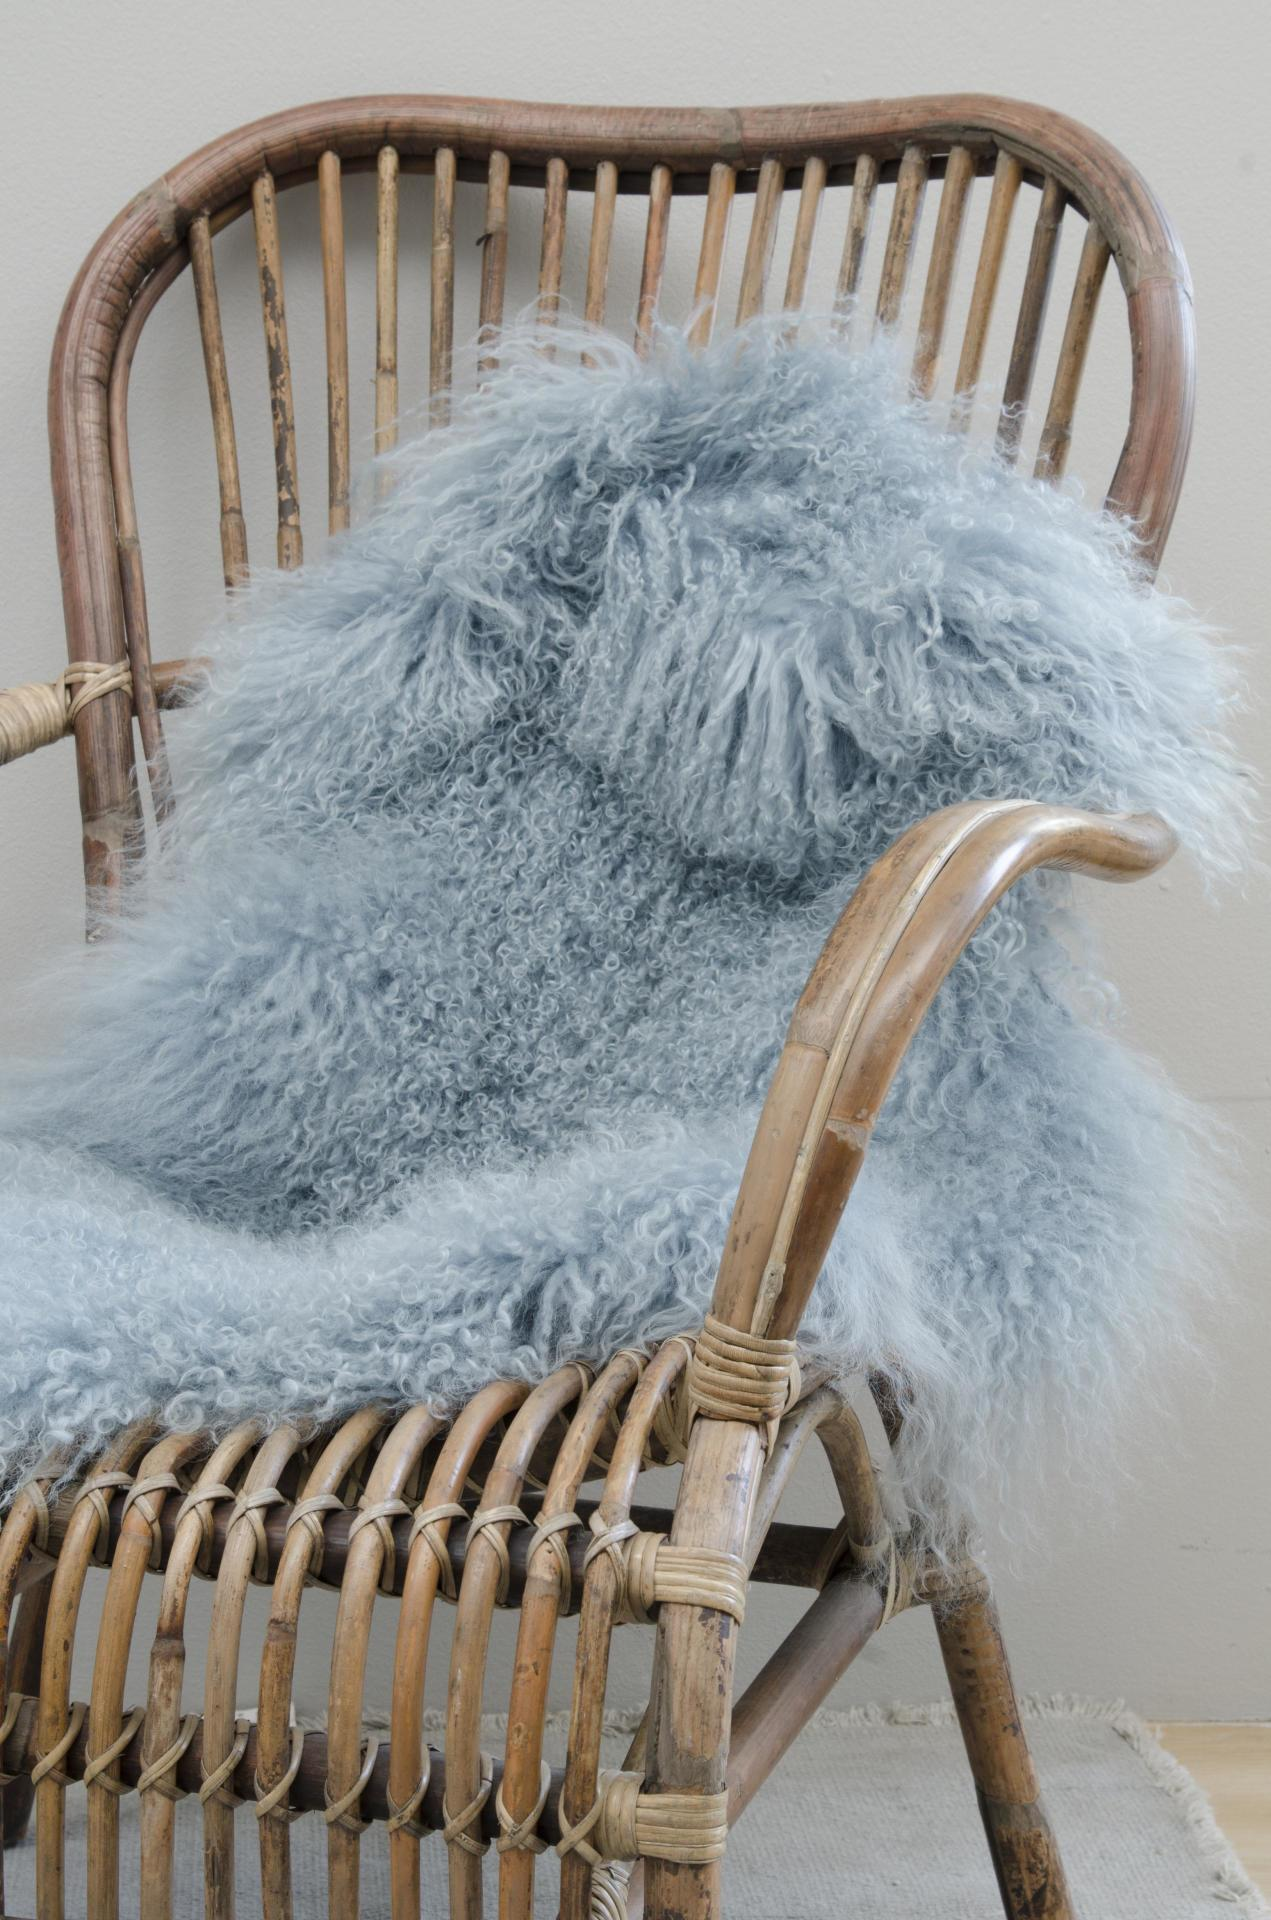 IB LAURSEN Tibetská ovčí kožešina Light blue, modrá barva, kožešina